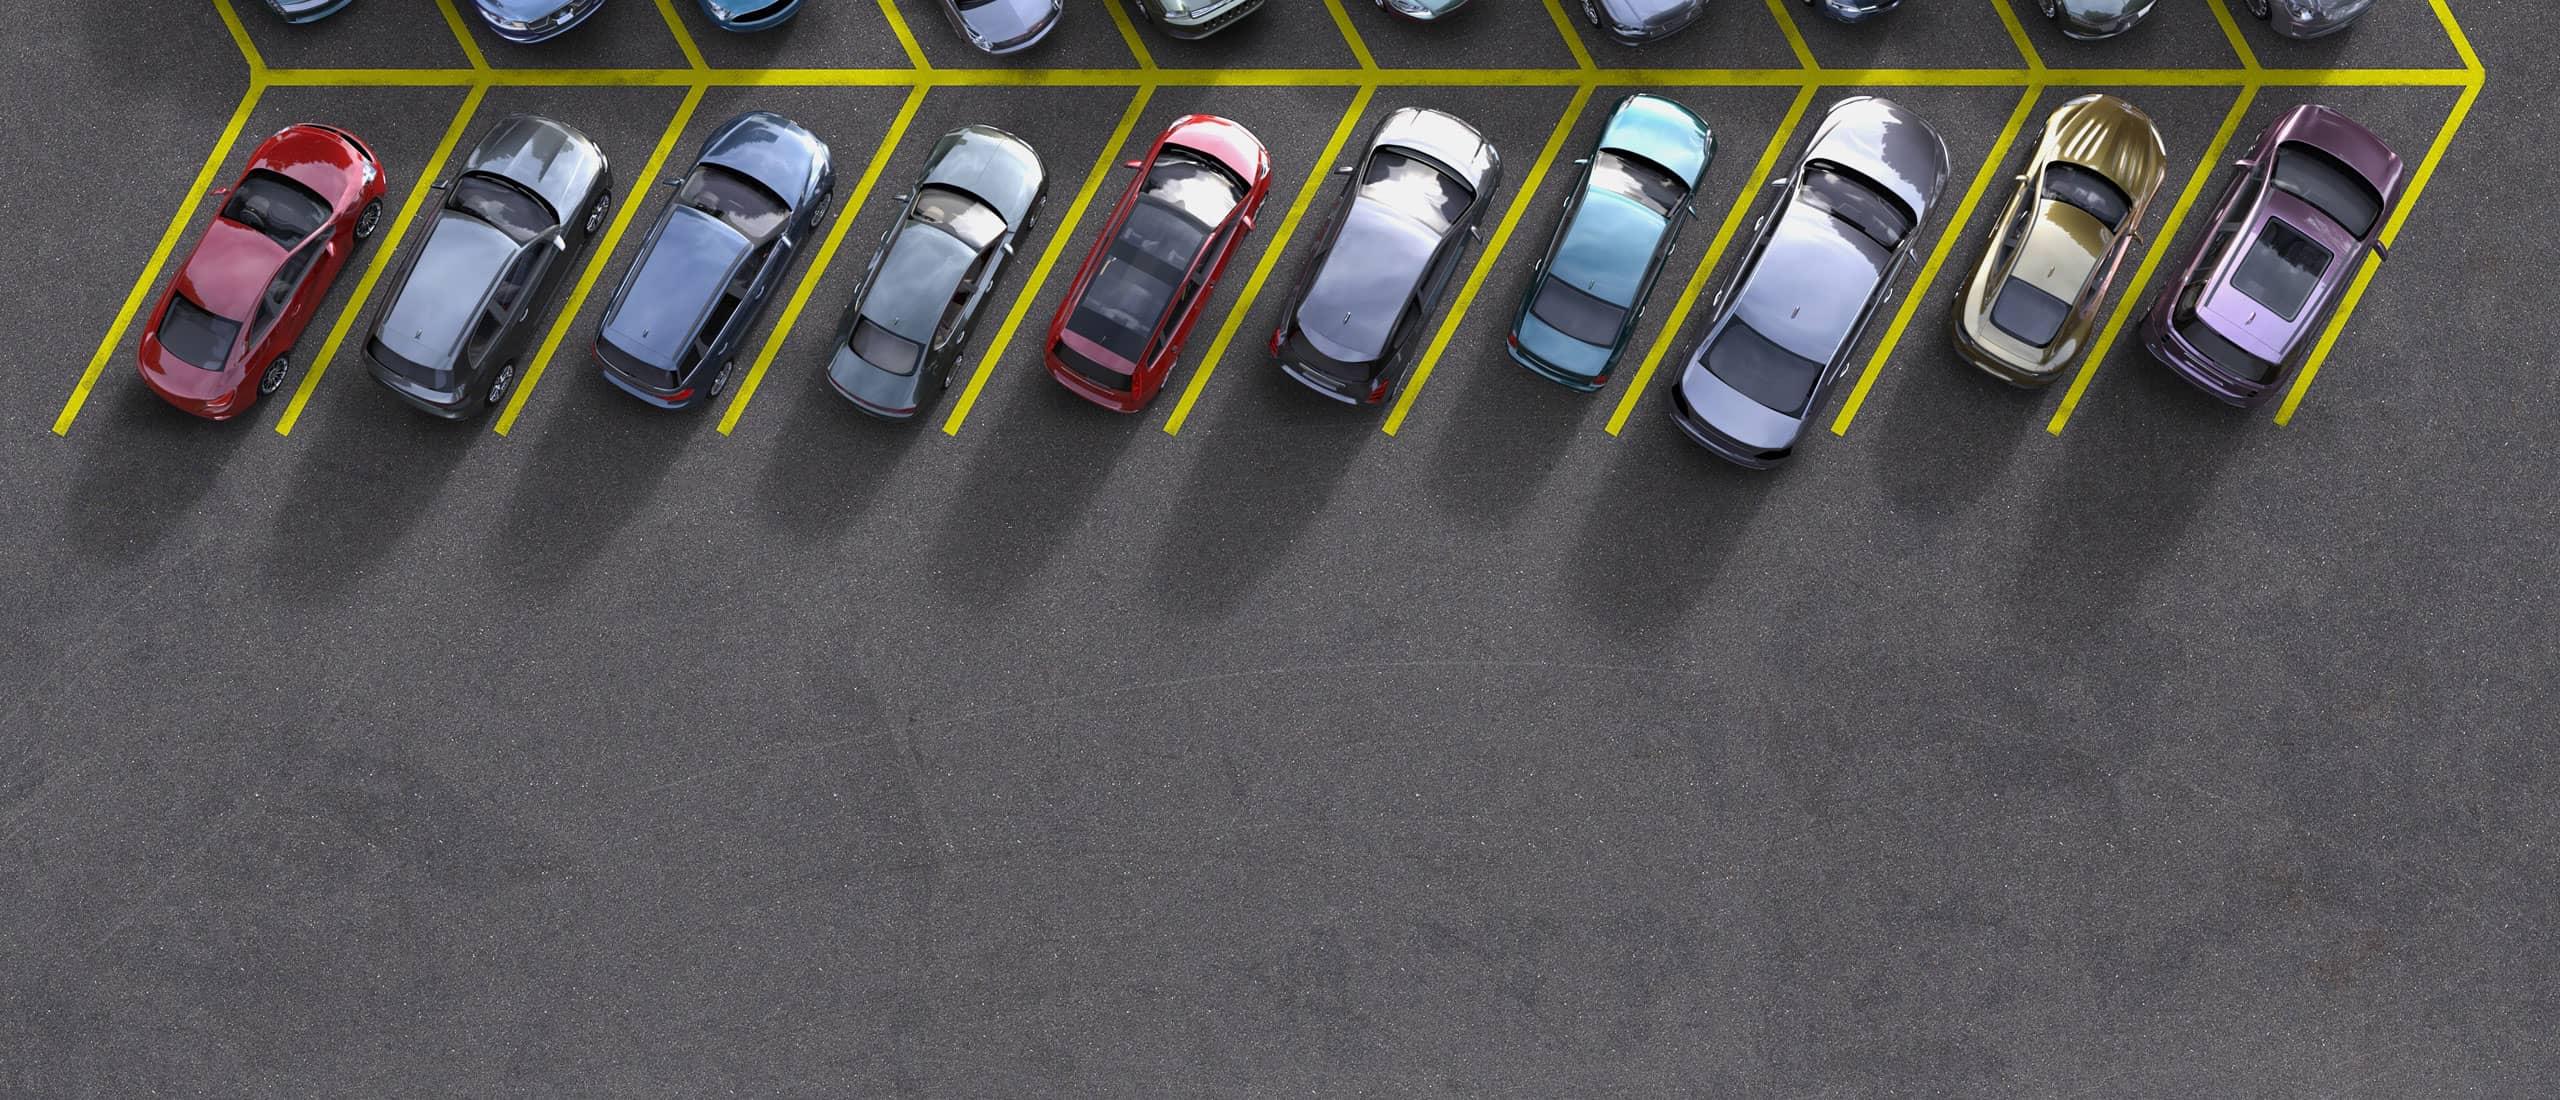 کنترل و ثبت تردد خودروها در مجموعه